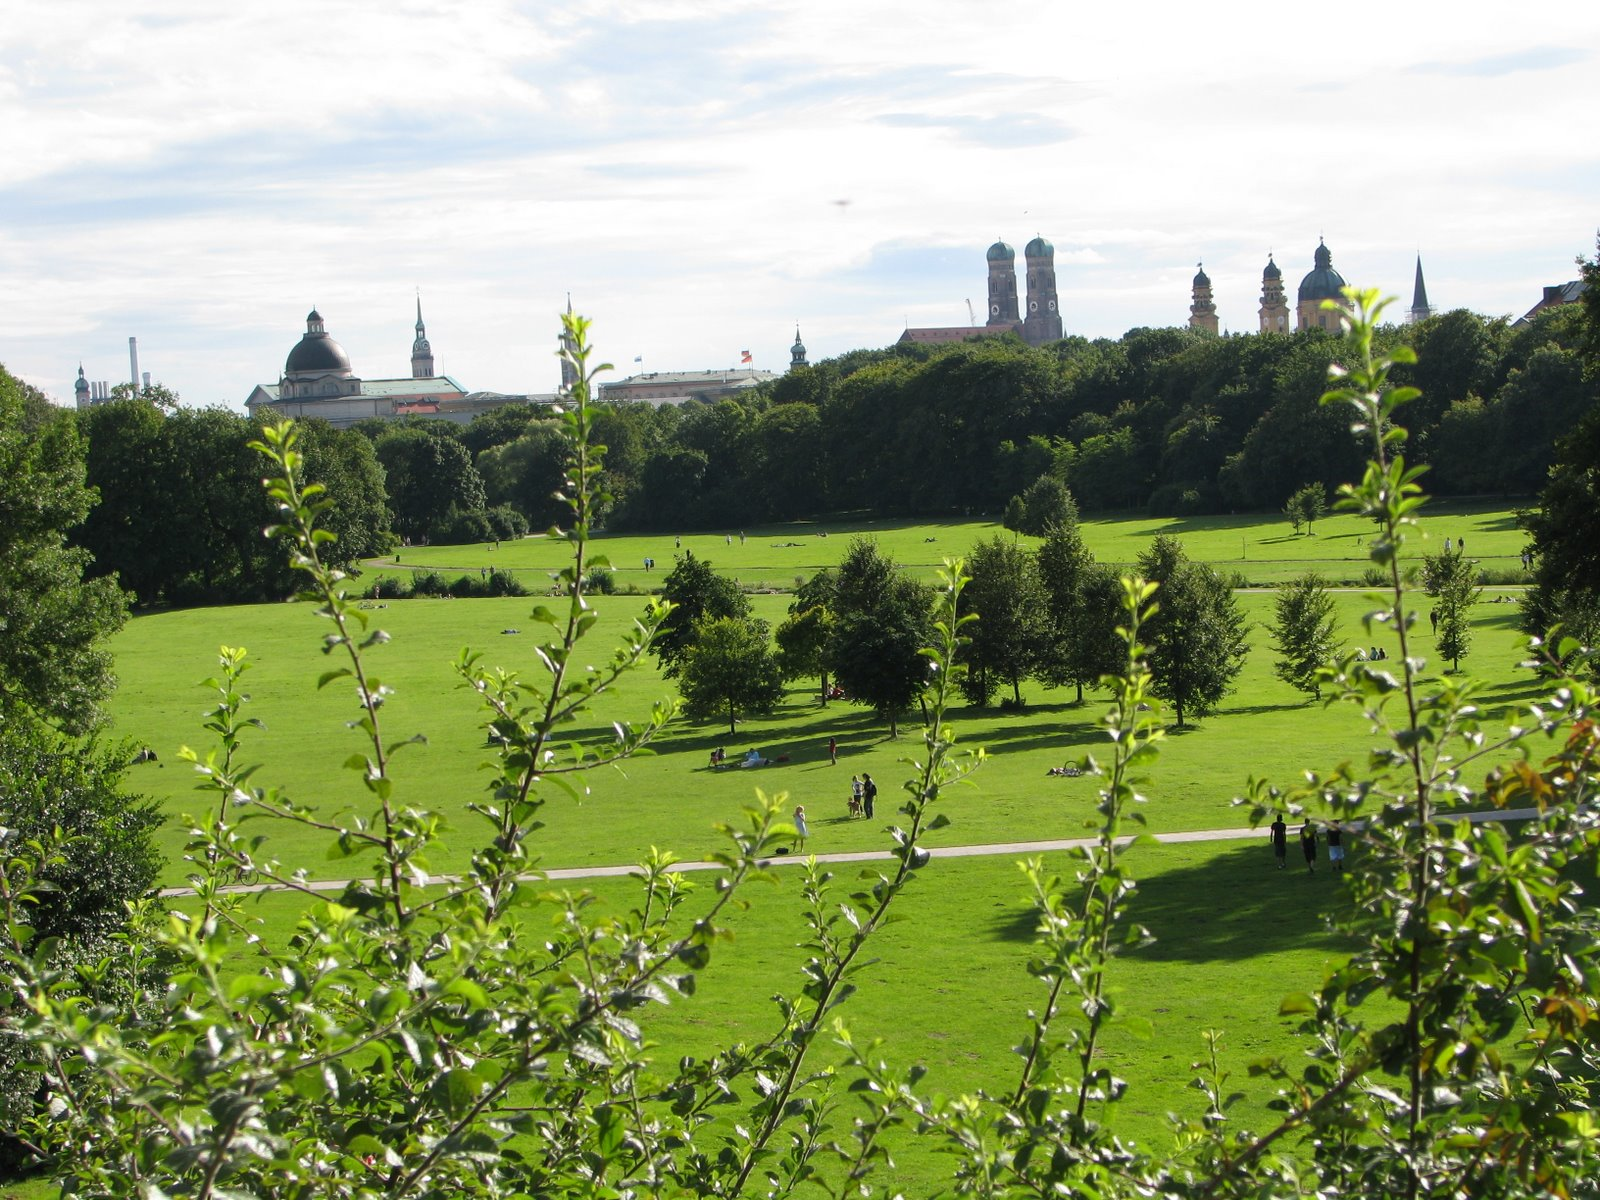 Grădina Engleză este cel mai mare parc urban din Europa